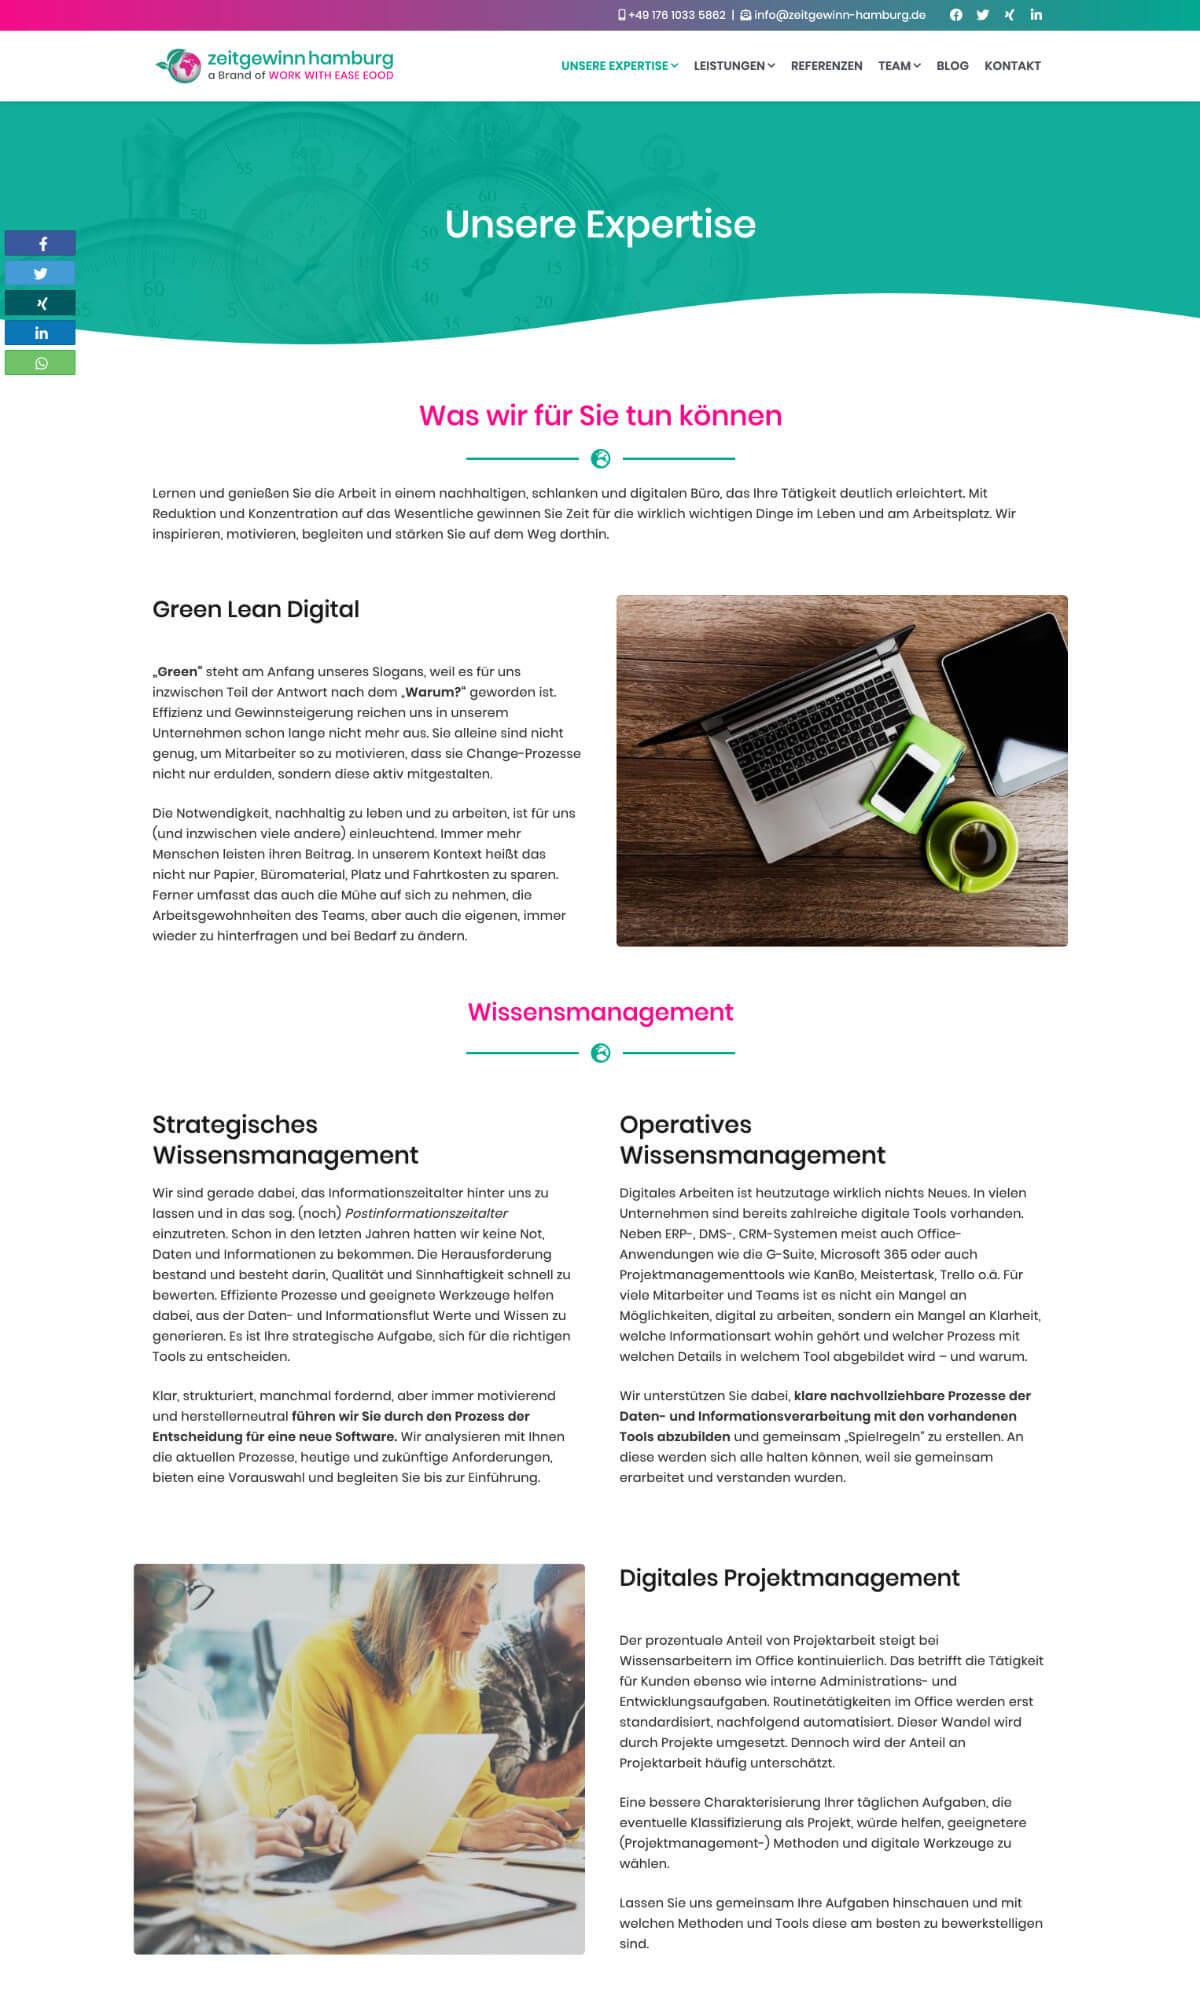 Die Seite »Expertise« der Website zeitgewinn-hamburg.de